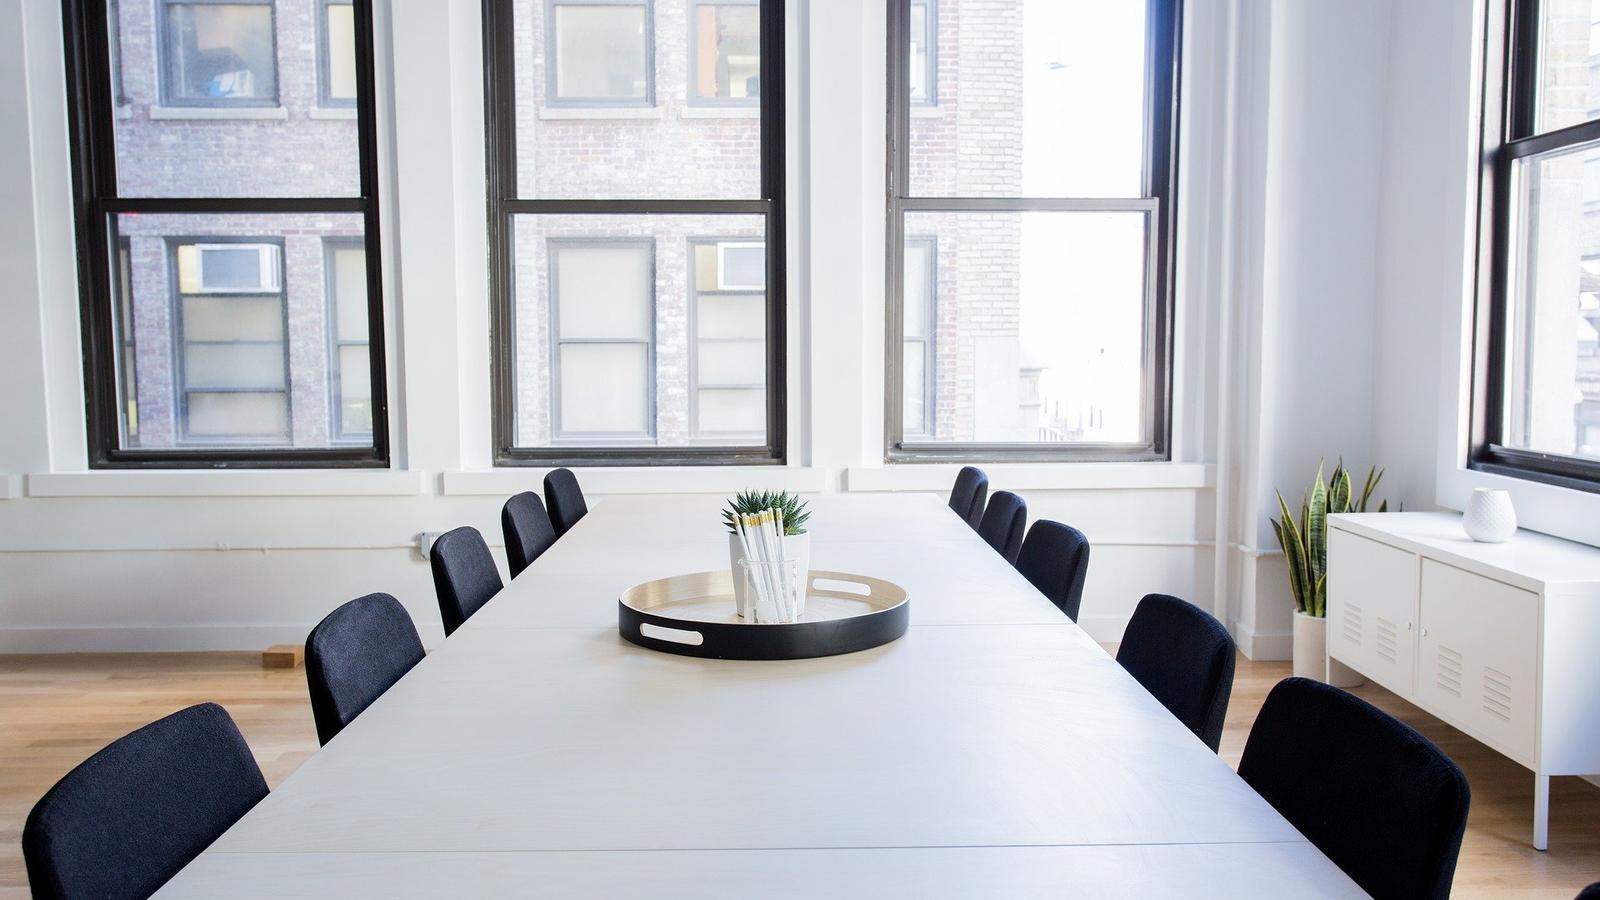 Una sala de reunions. / PIXABAY